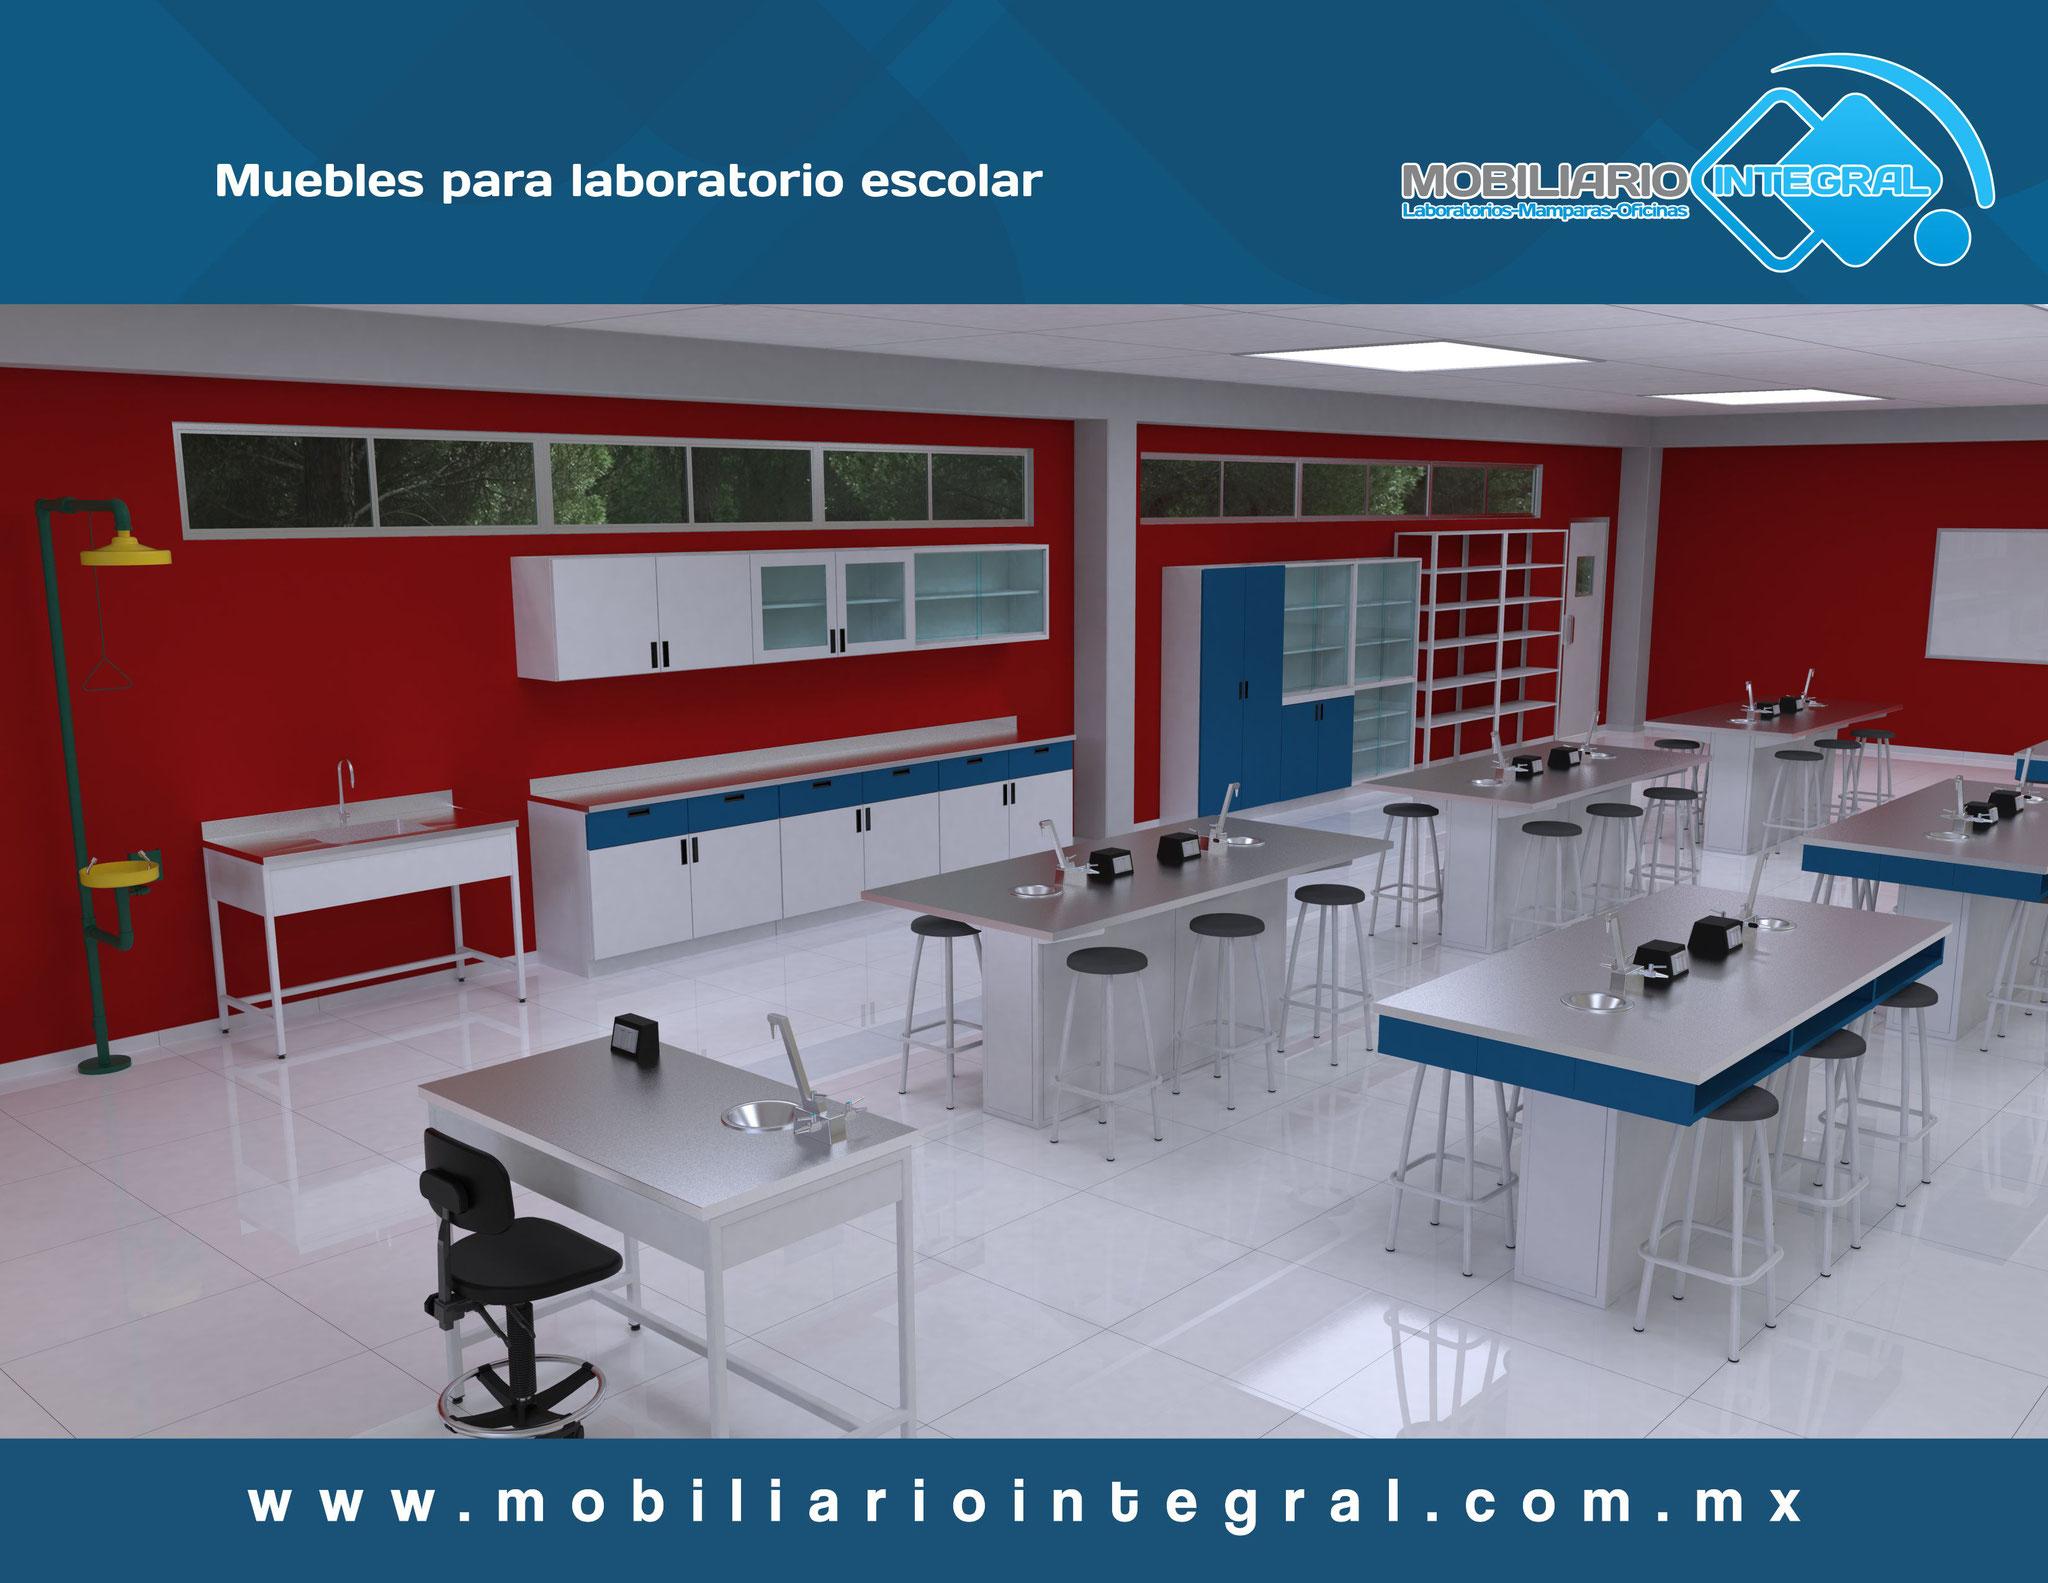 Muebles para laboratorio escolar Coahuila